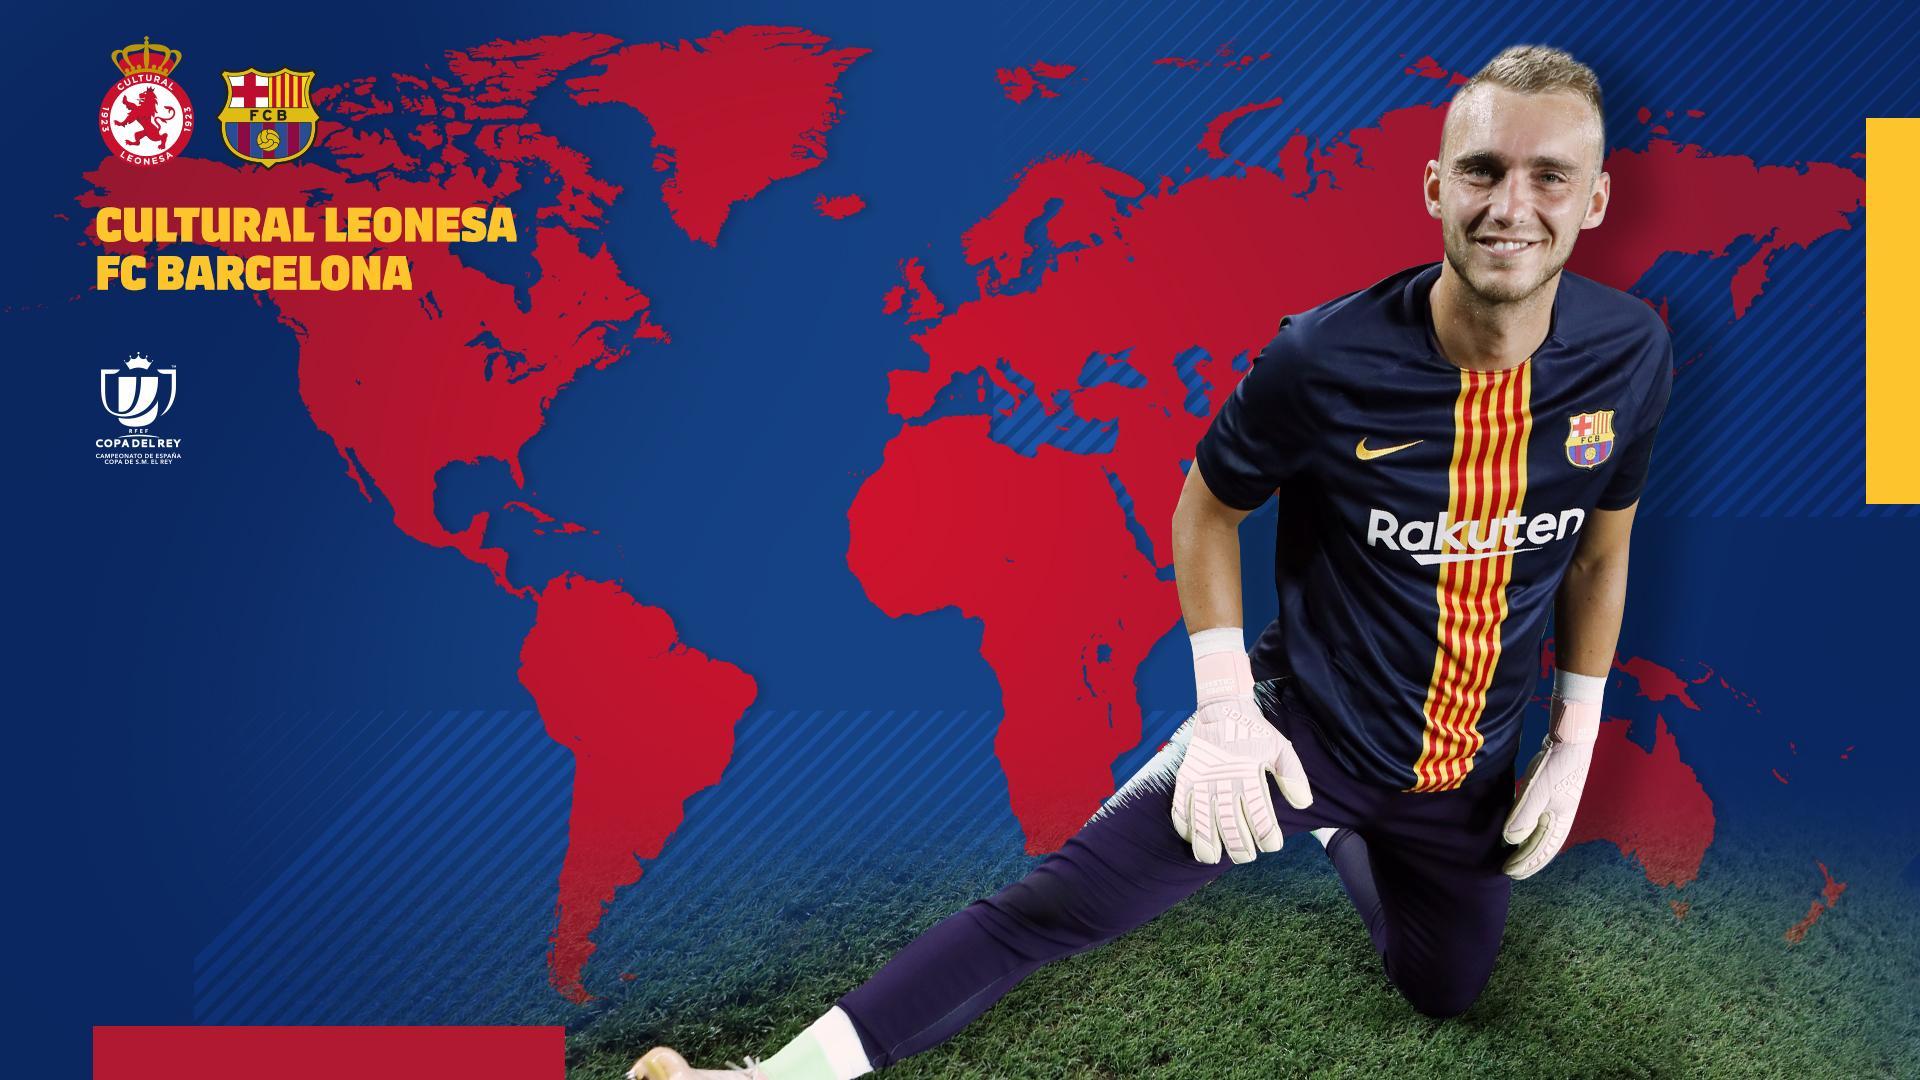 Cuándo y dónde ver el FC Barcelona - Cultural Leonesa 54084eb34f4